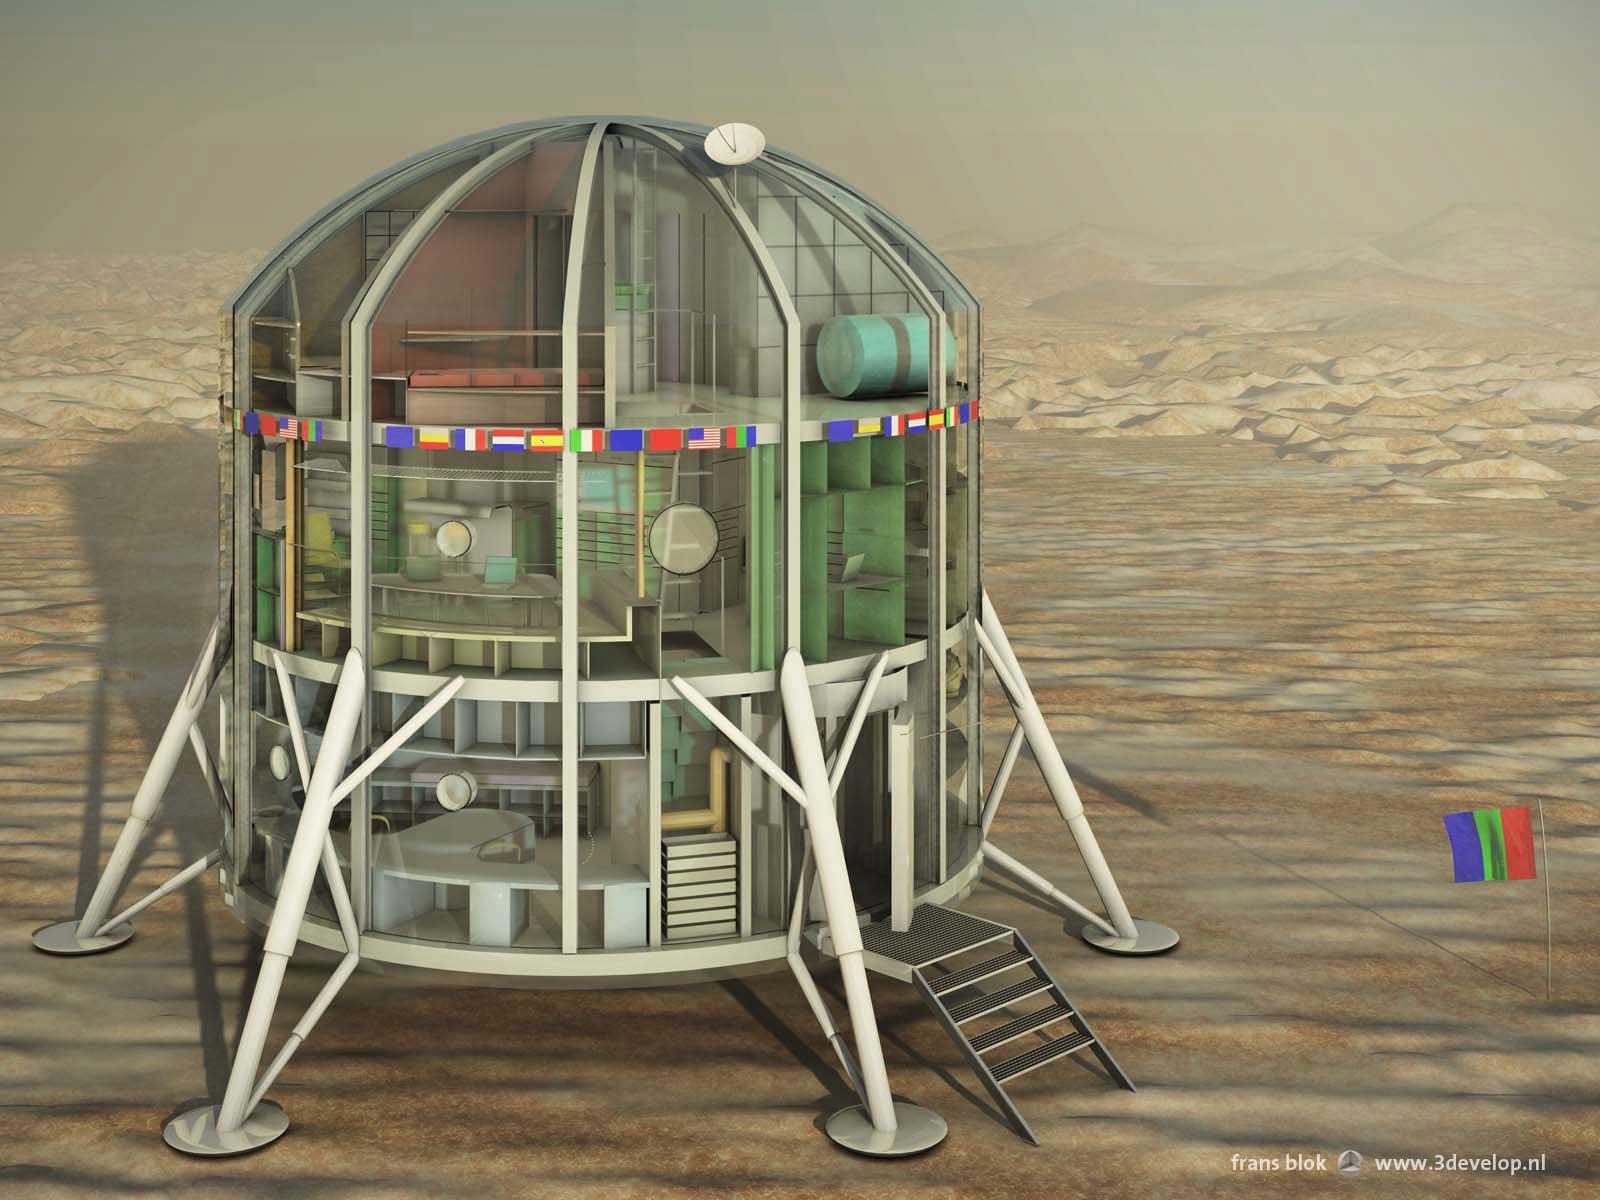 Opengewerkt 3d-model van Euro-MARS, het European Mars Analogue Research Station, met daarin zichtbaar de drie verdiepingen voor werken, wonen en slapen.